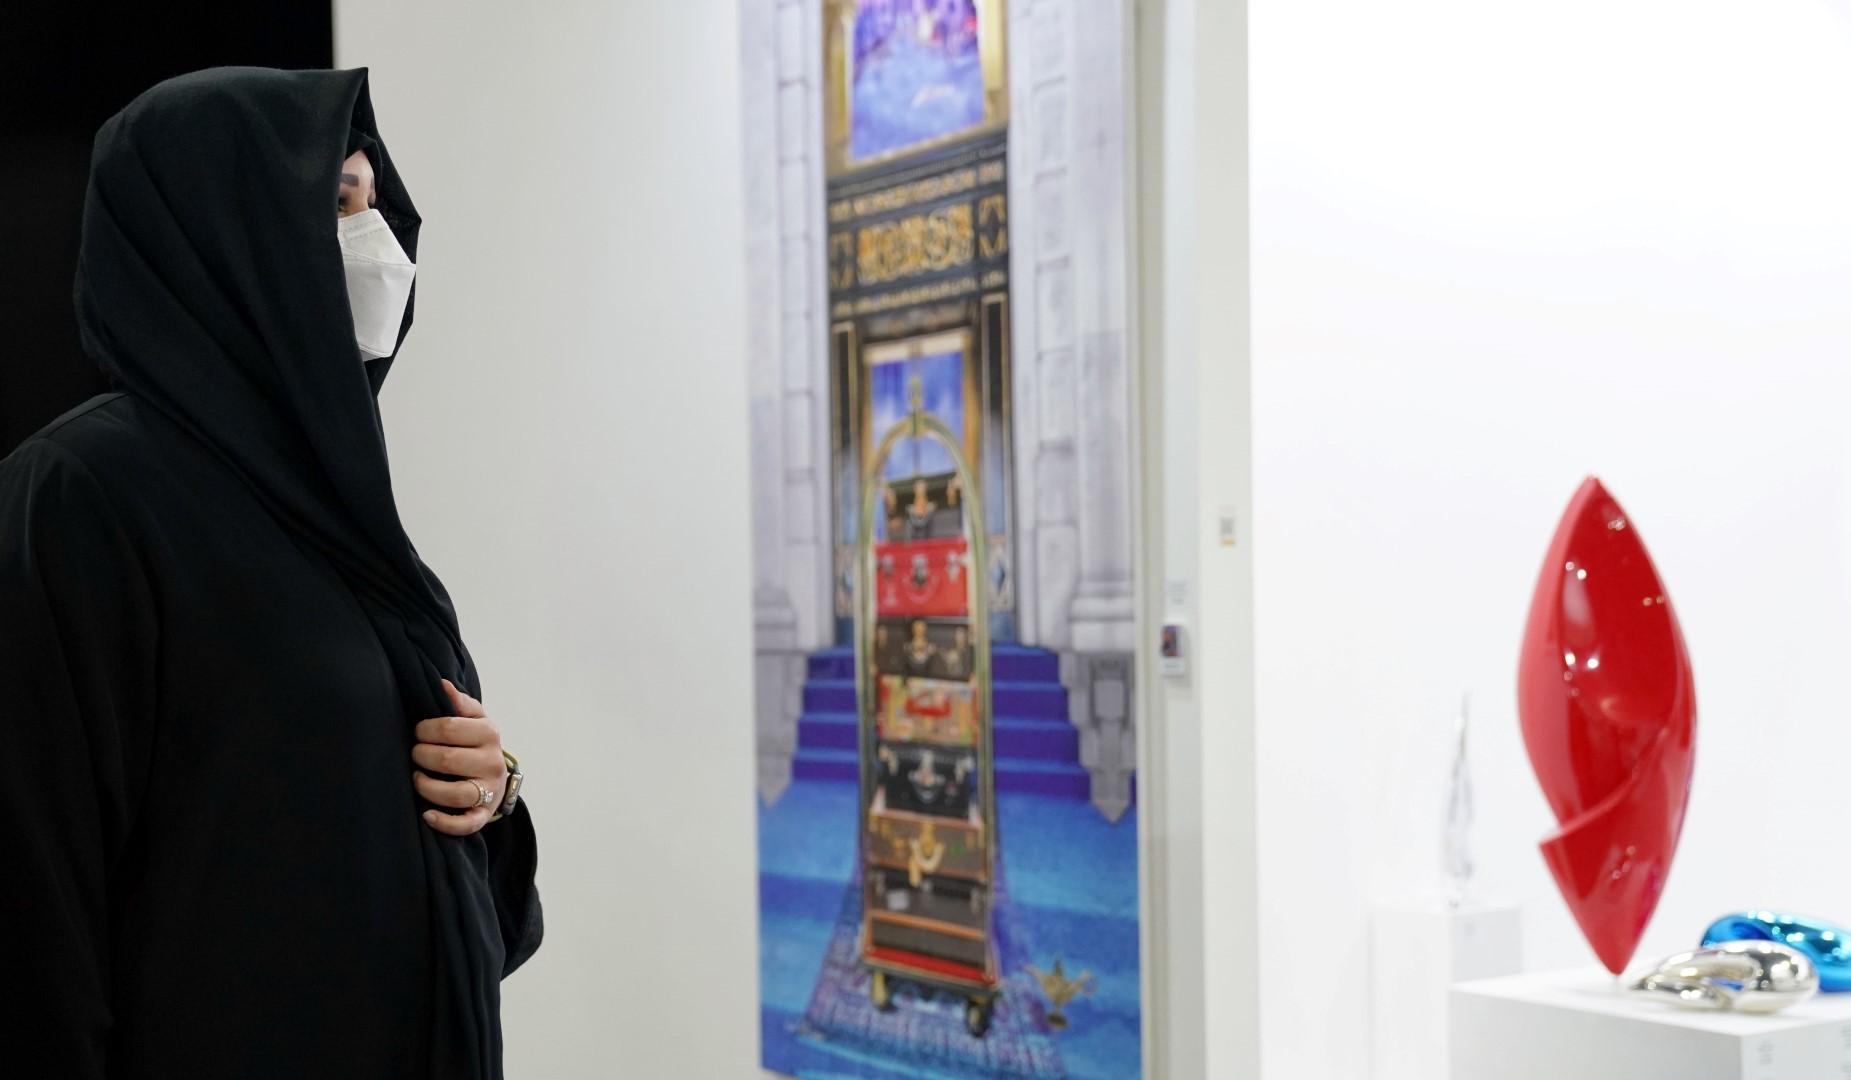 لطيفة بنت محمد تفتتح النسخة السابعة من معرض فنون العالم دبي